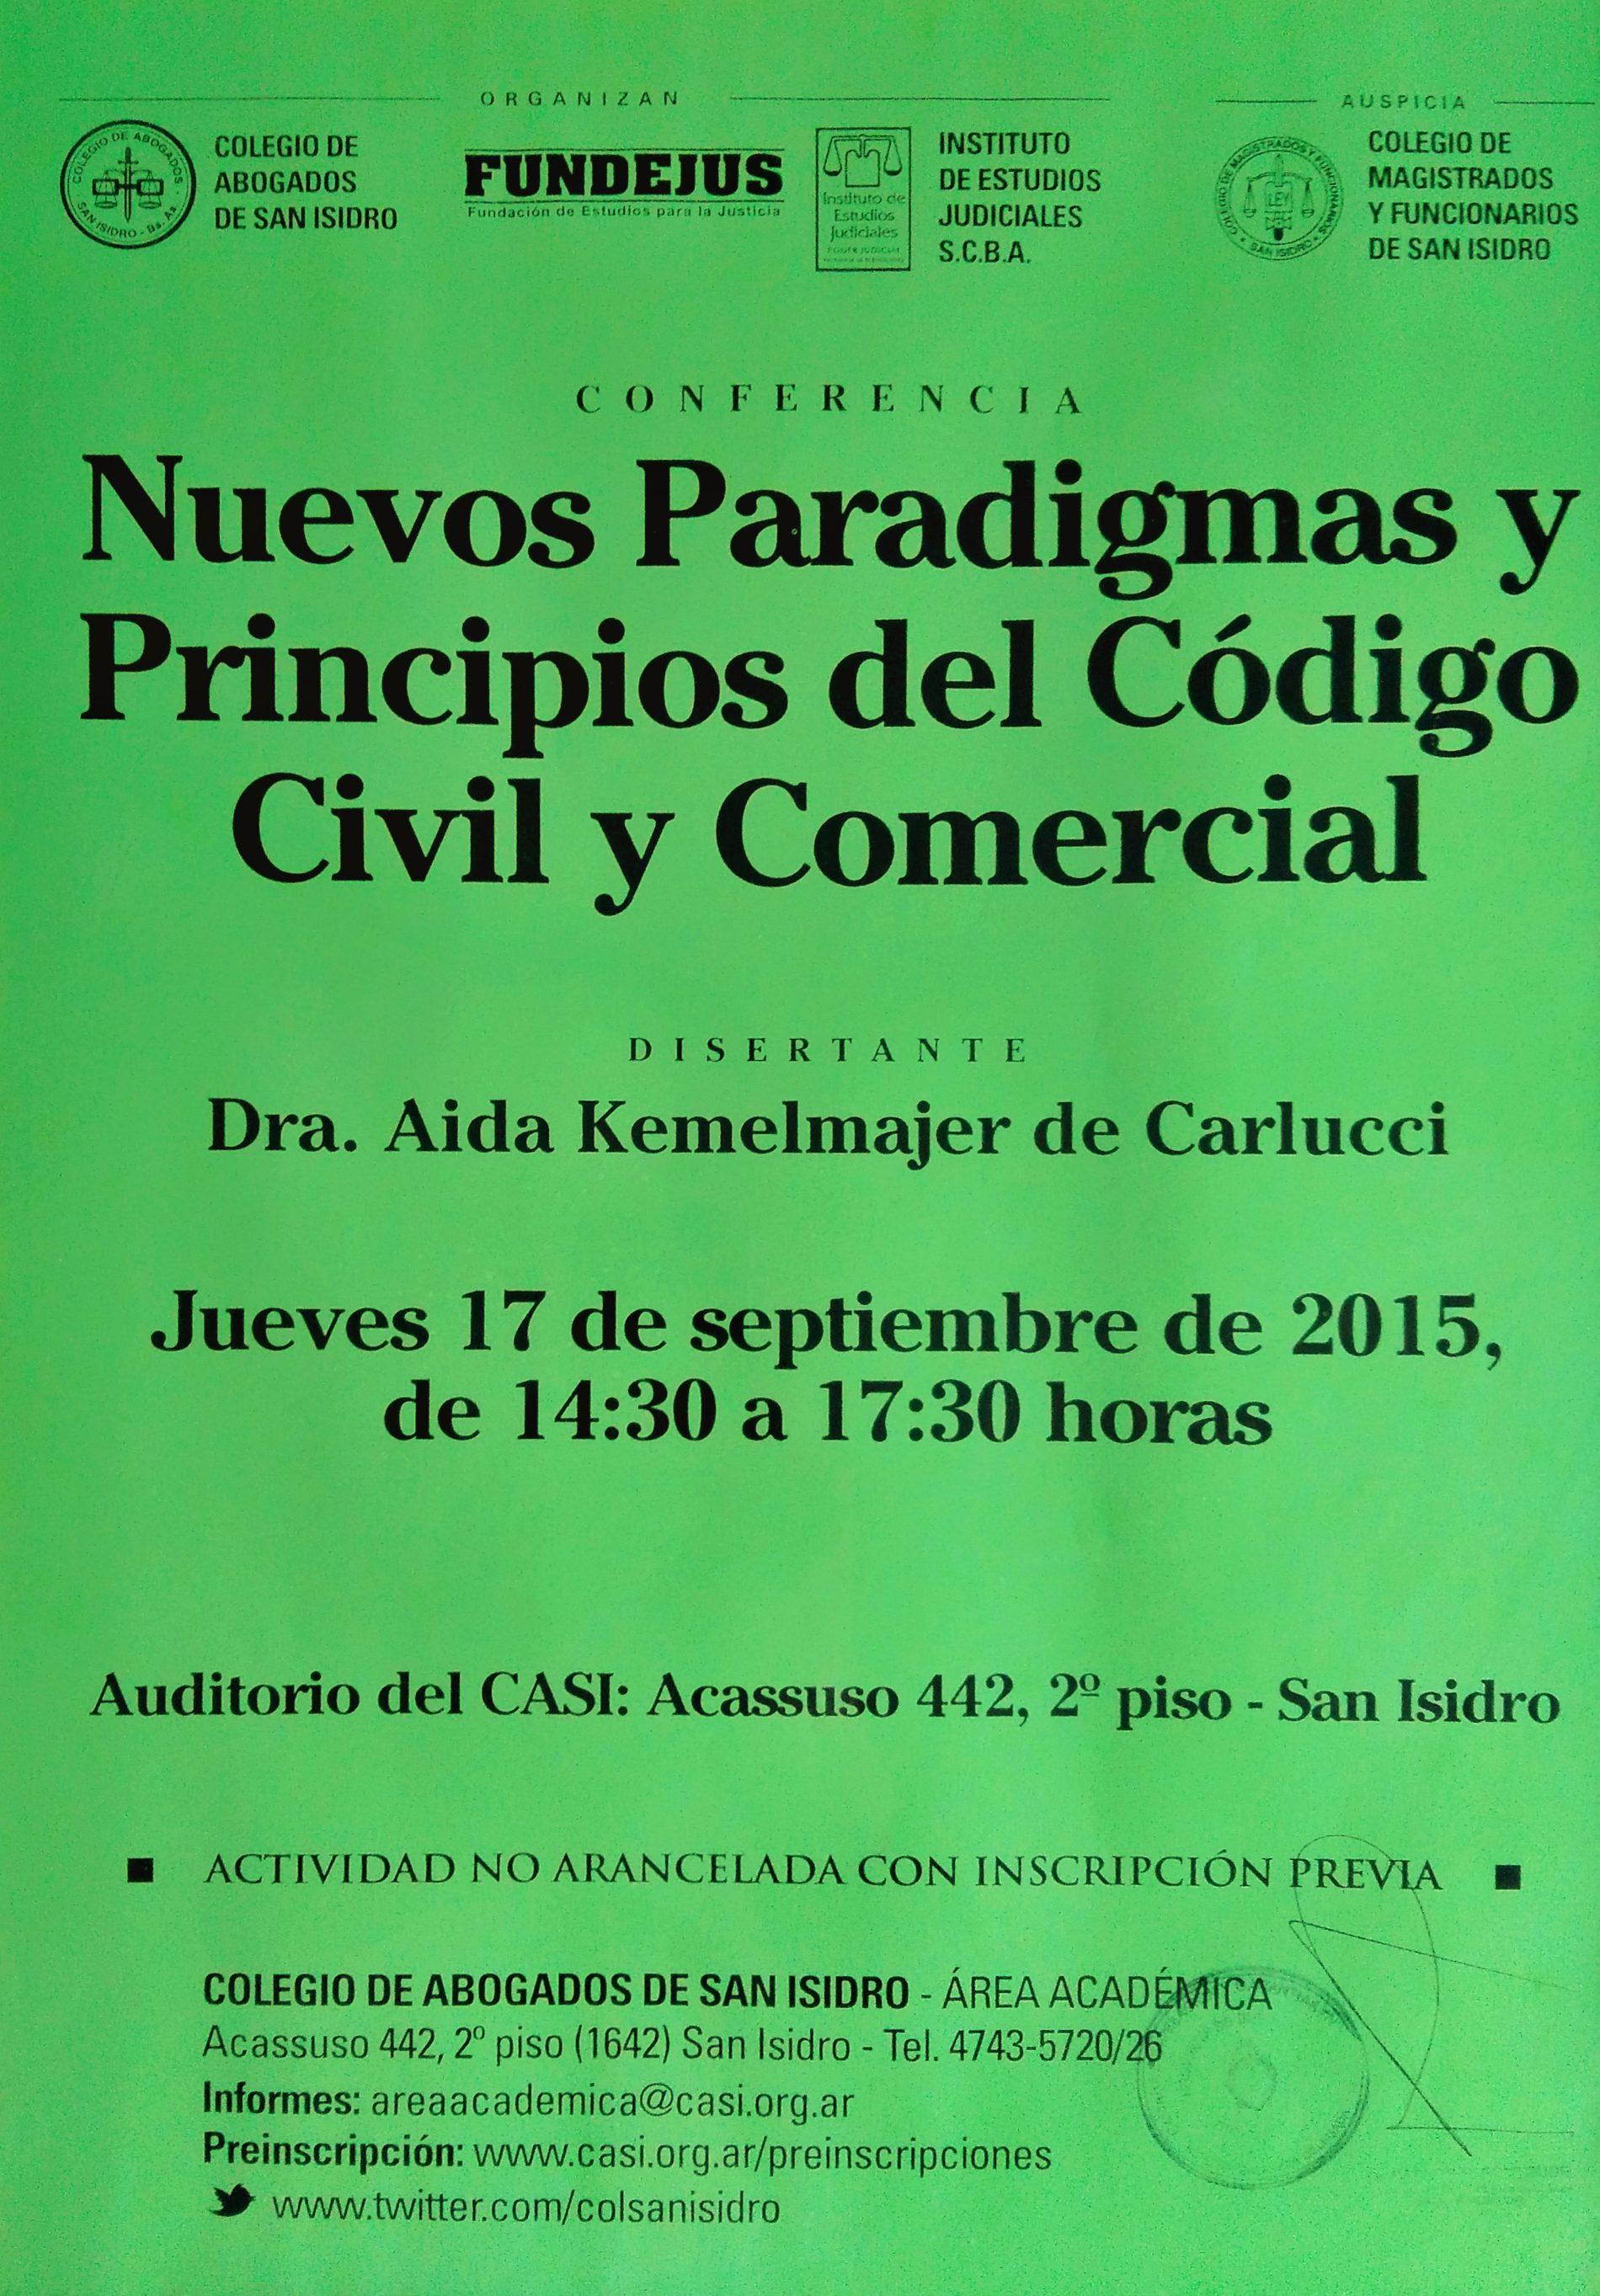 «Conferencia: Nuevos Paradigmas y Principios del Código Civil y Comercial»